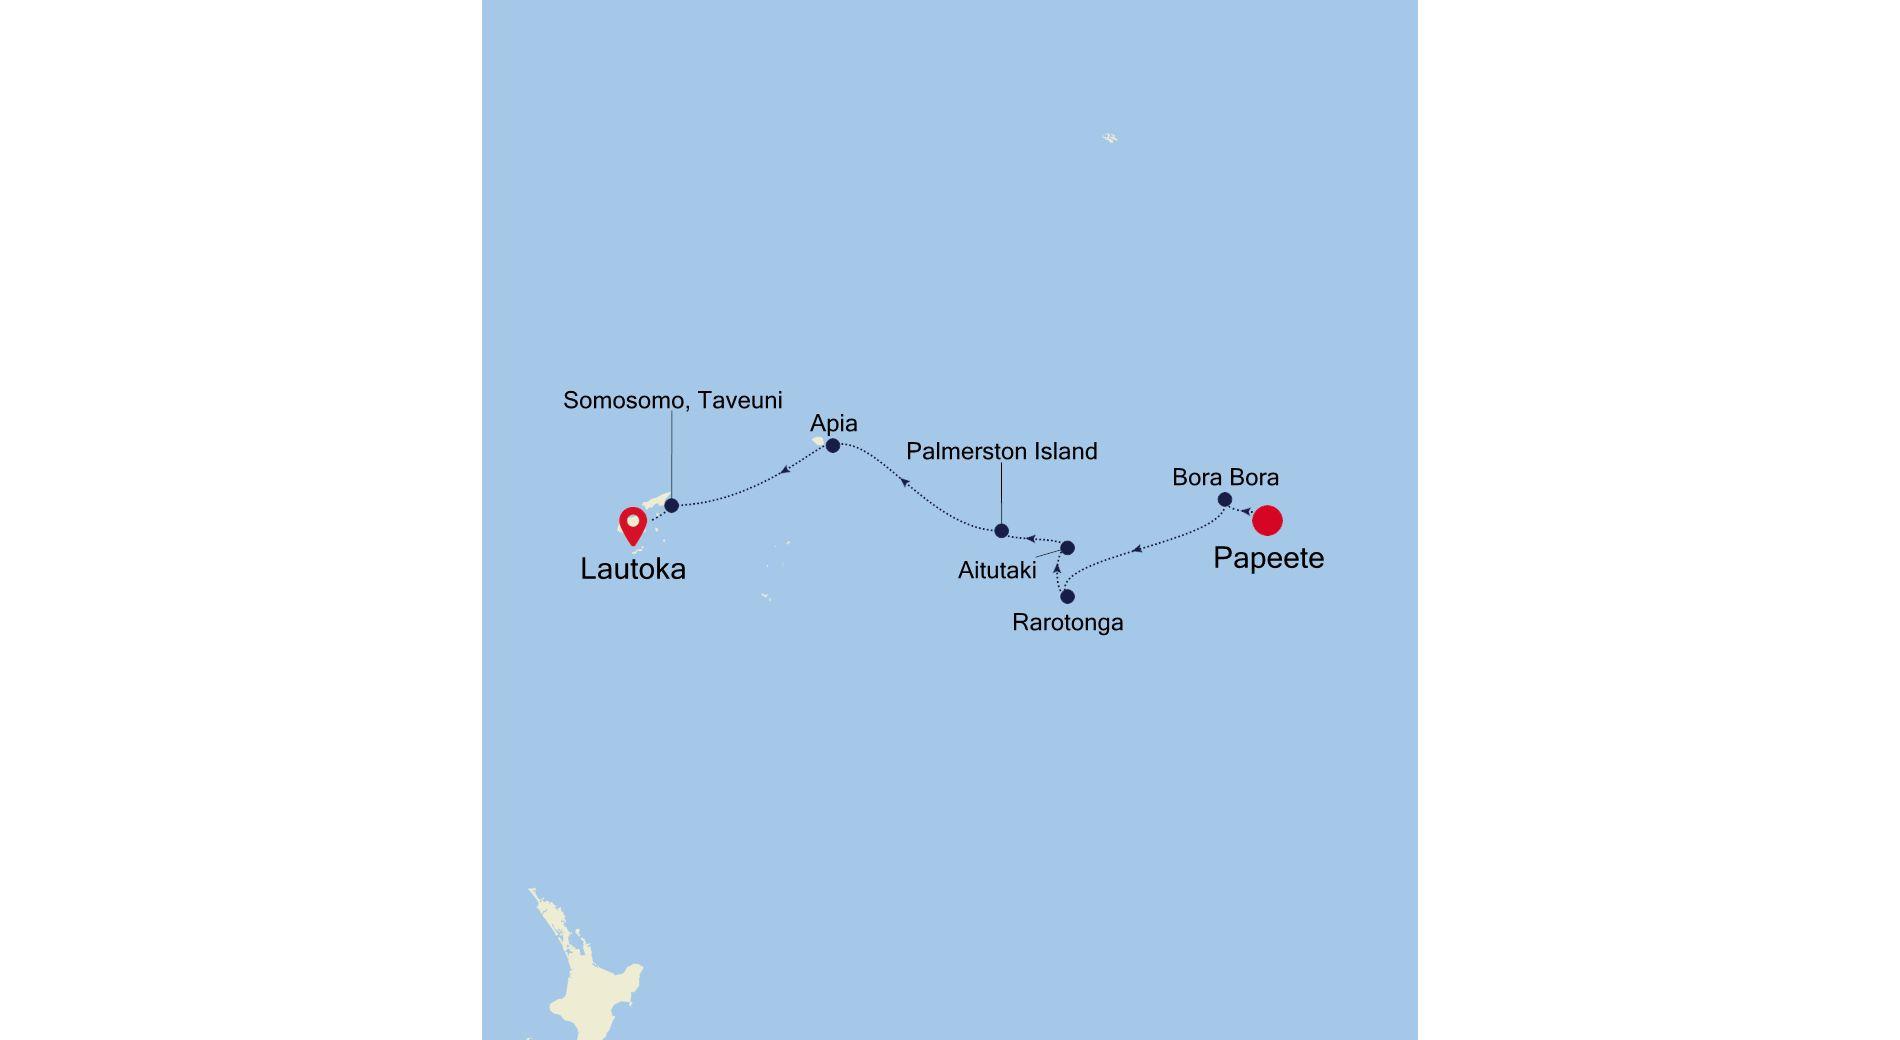 E4210311011 - Papeete a Lautoka